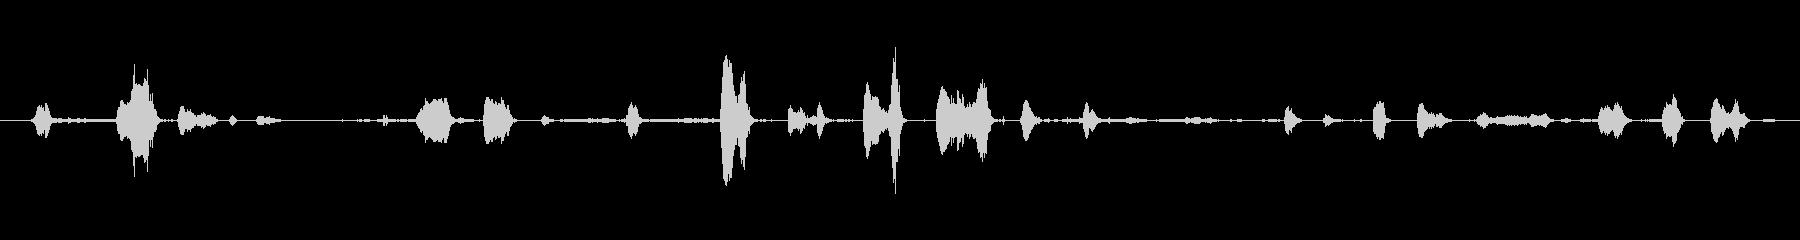 鳴き声 子供の笑いのくすぐり02の未再生の波形